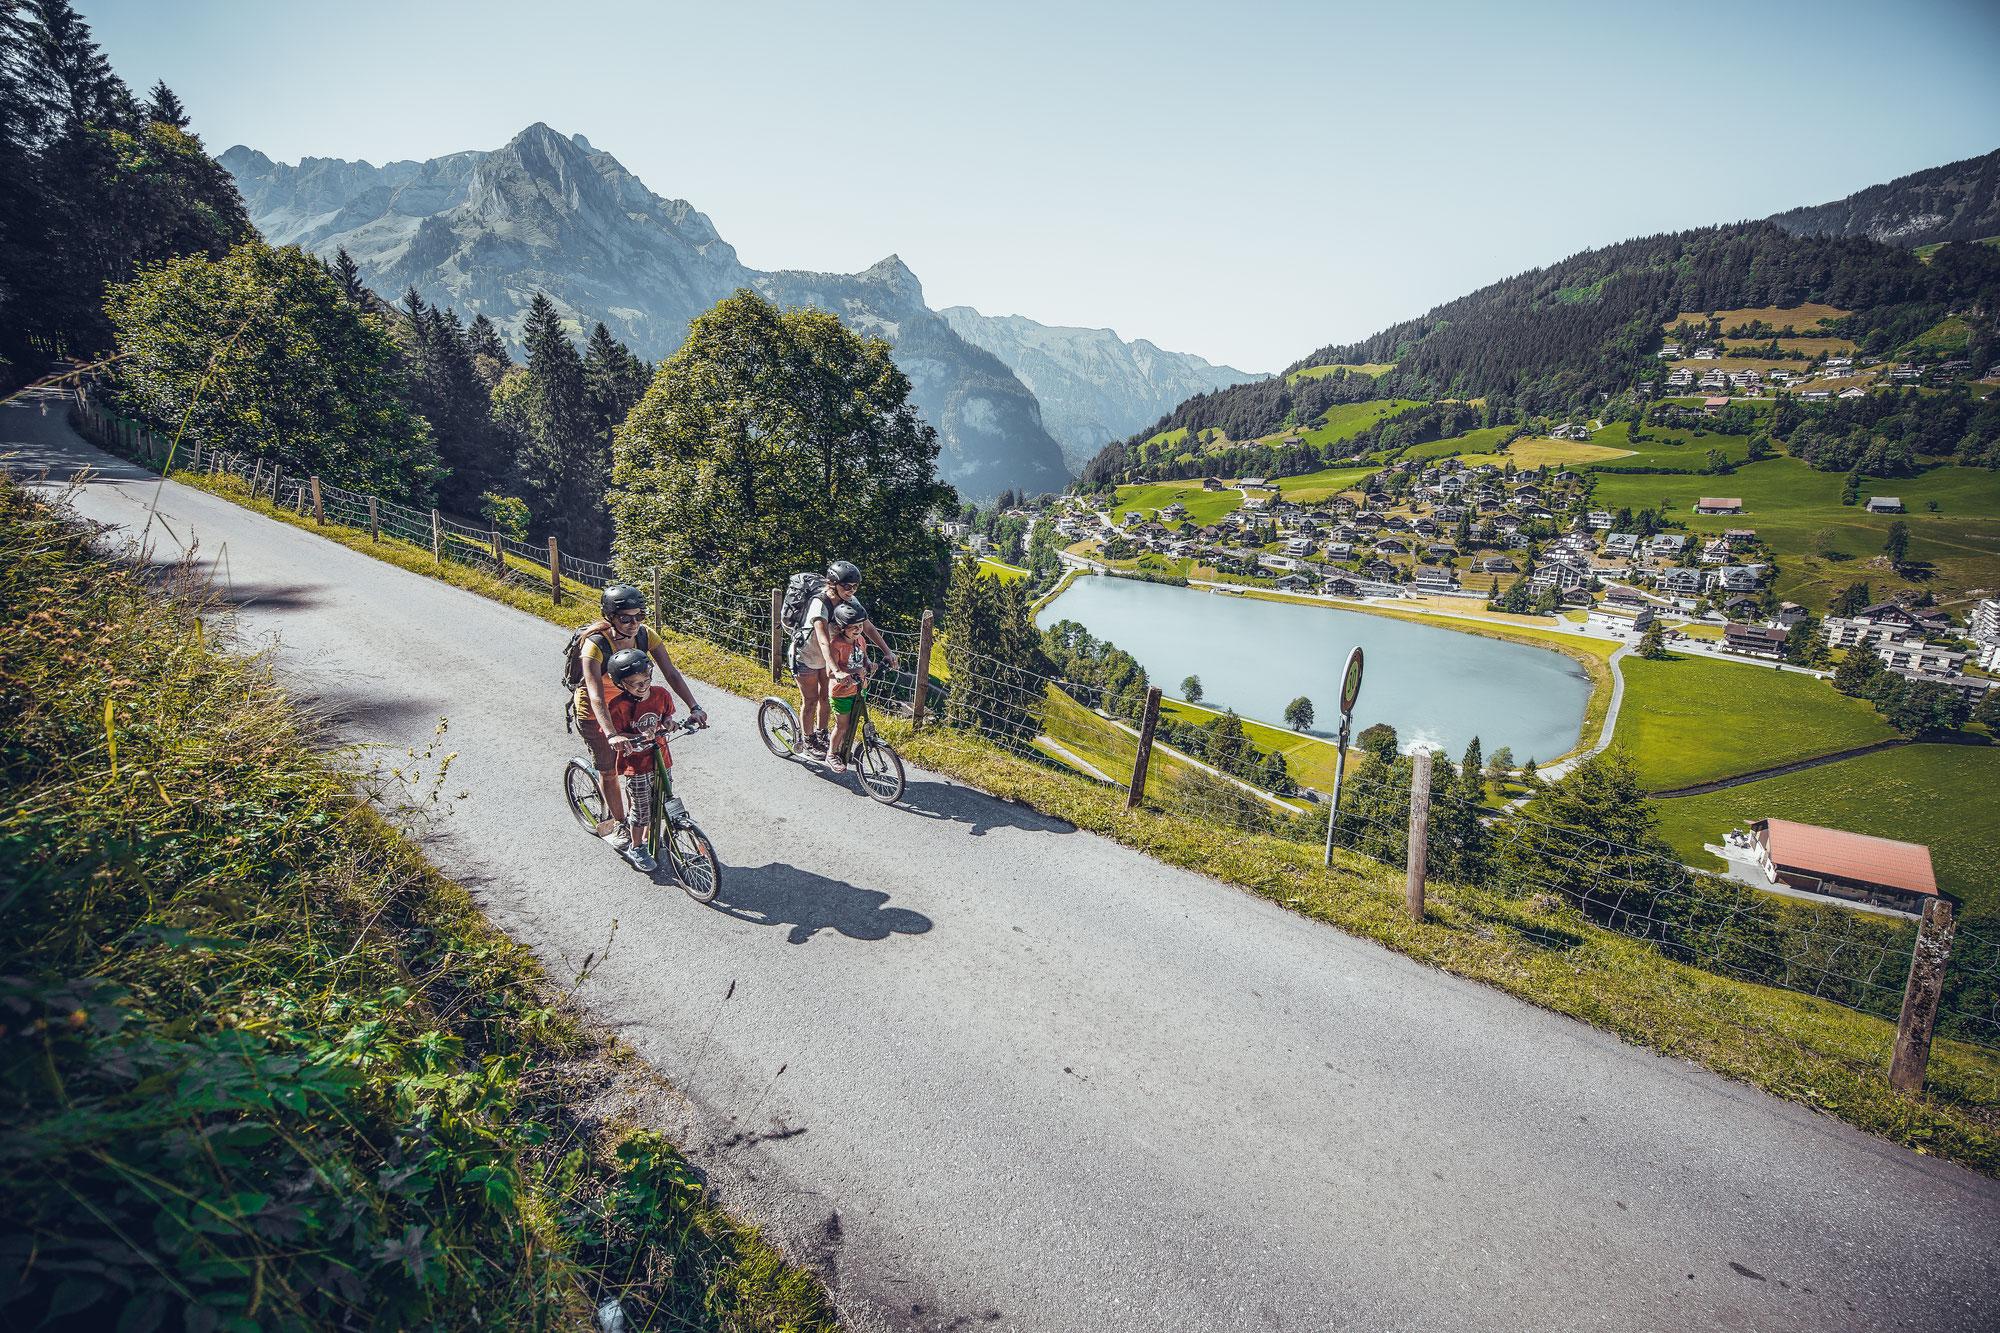 Fünf Gründe für Familienferien im Schweizerischen Engelberg-Titlis